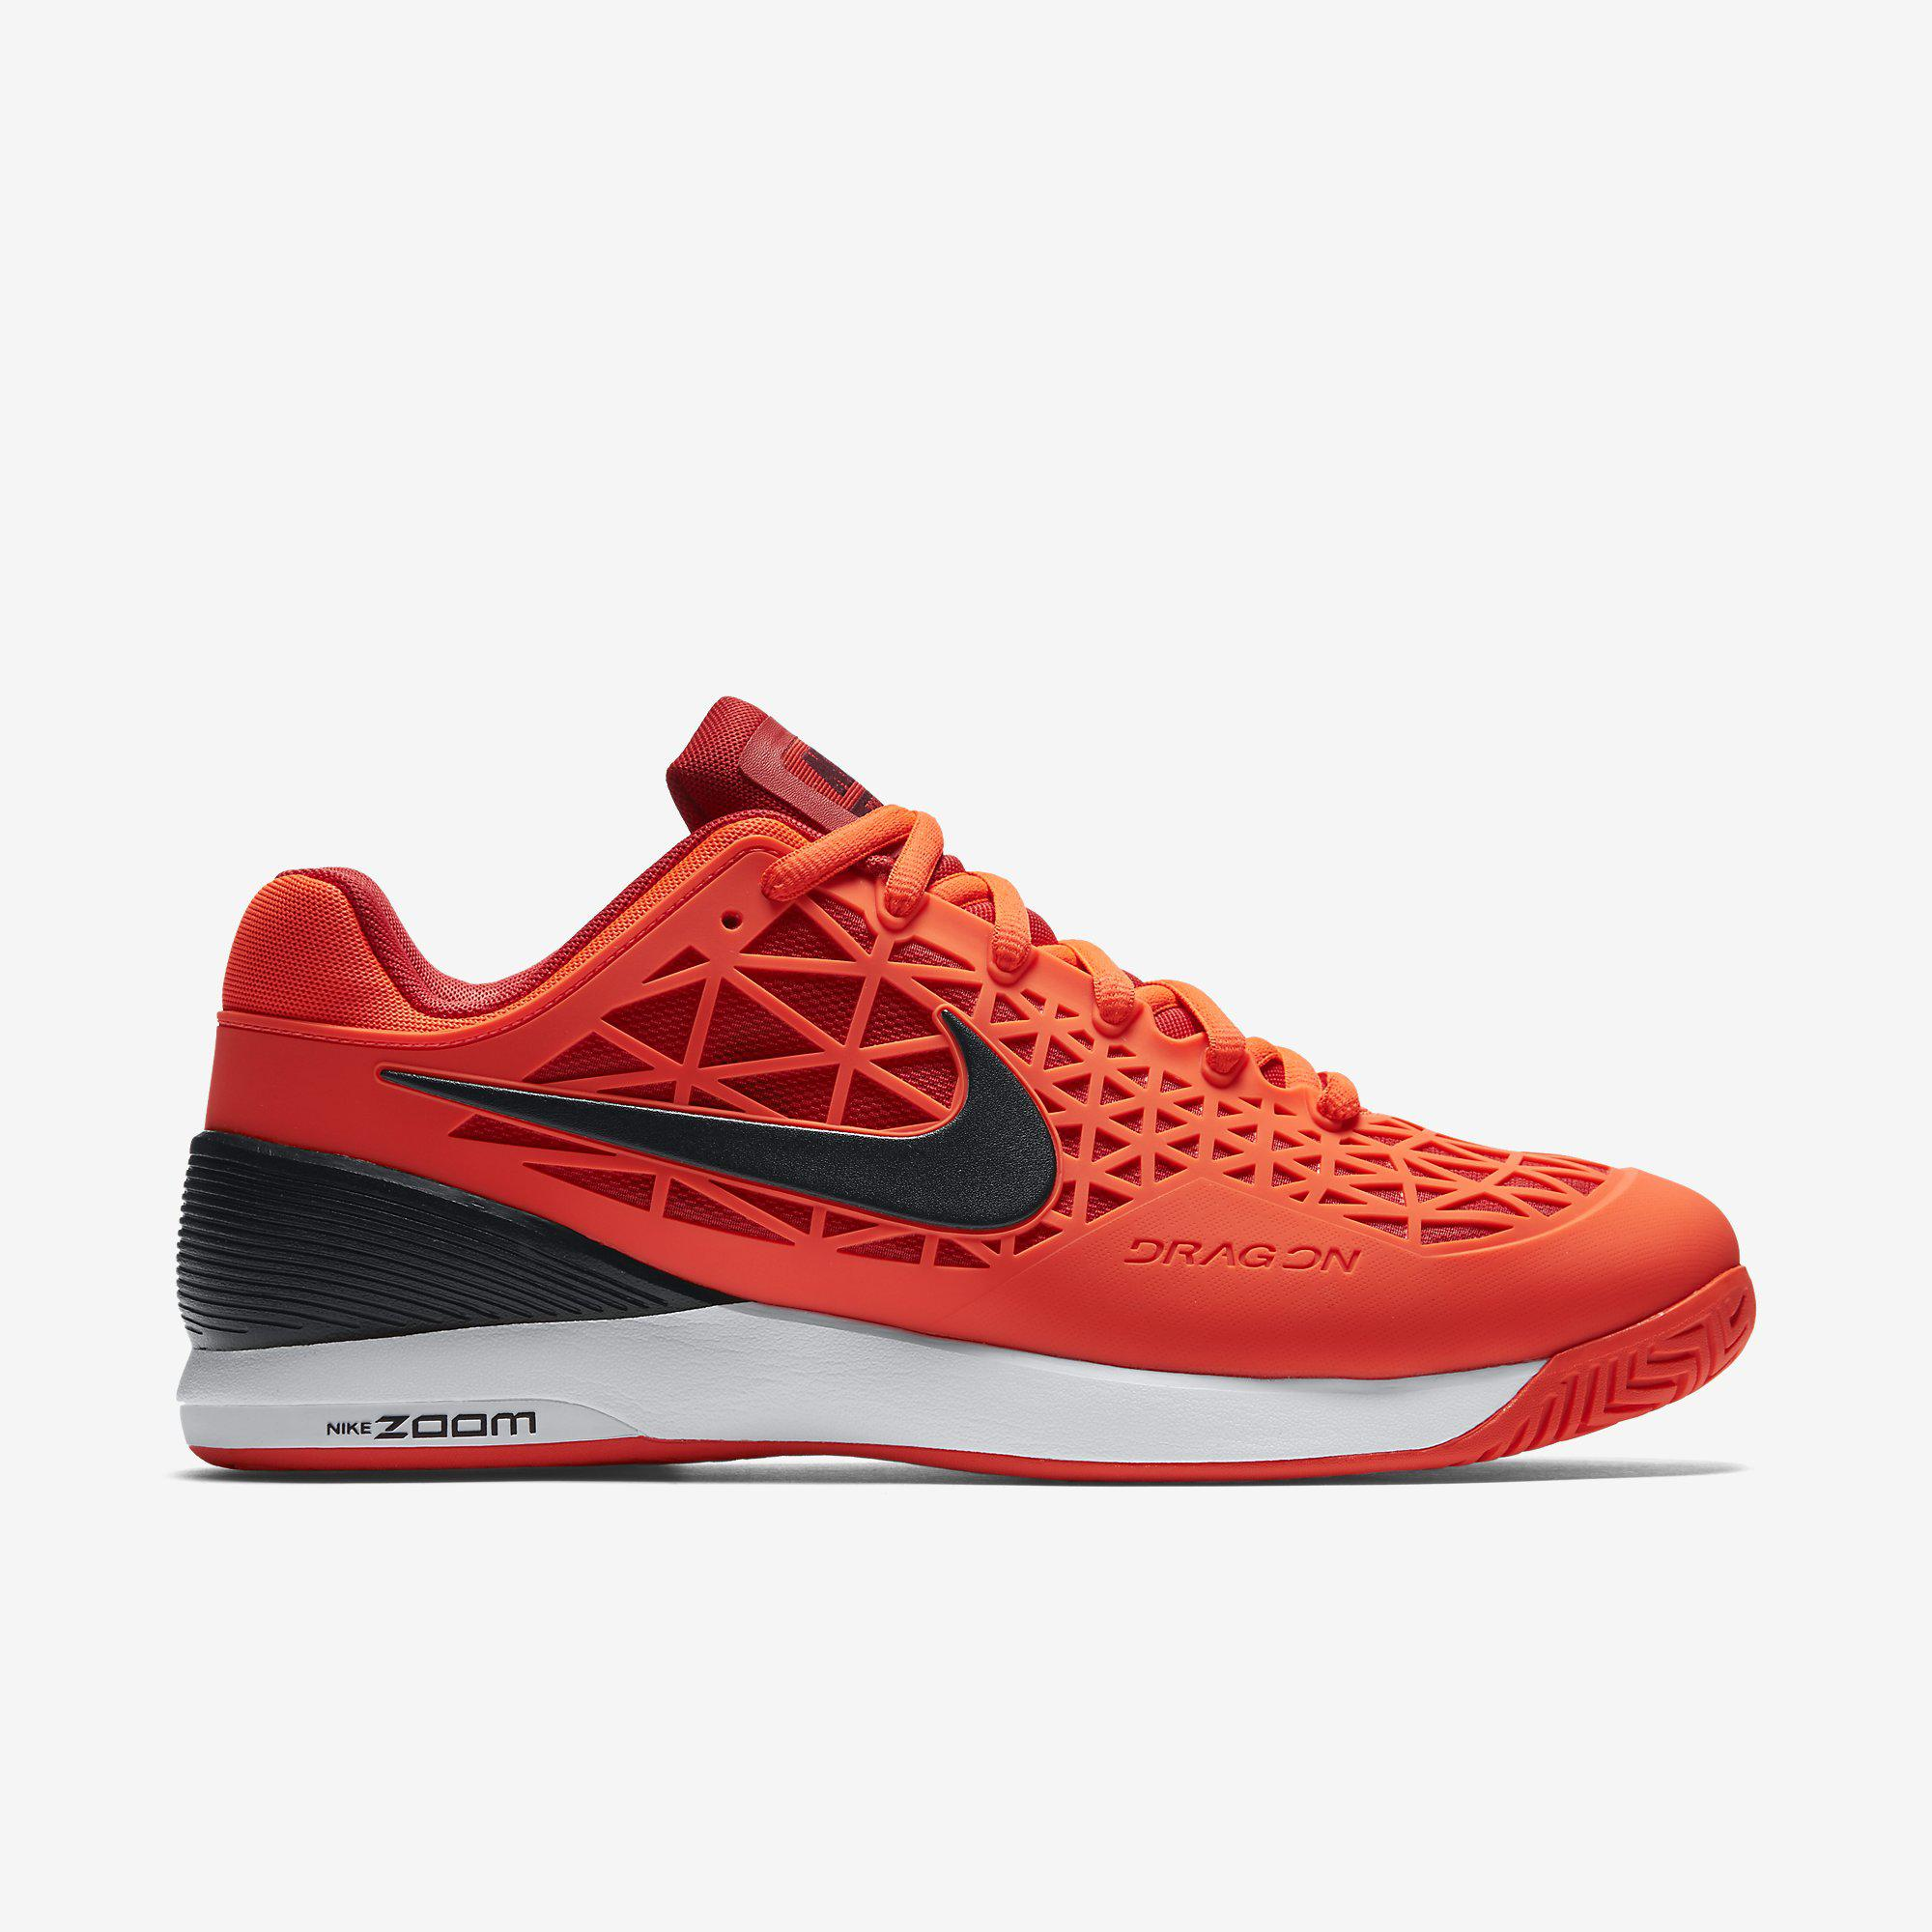 Nike Mens Zoom Cage 2 Tennis Shoes - Total Crimson - Tennisnuts.com ae9e34f58